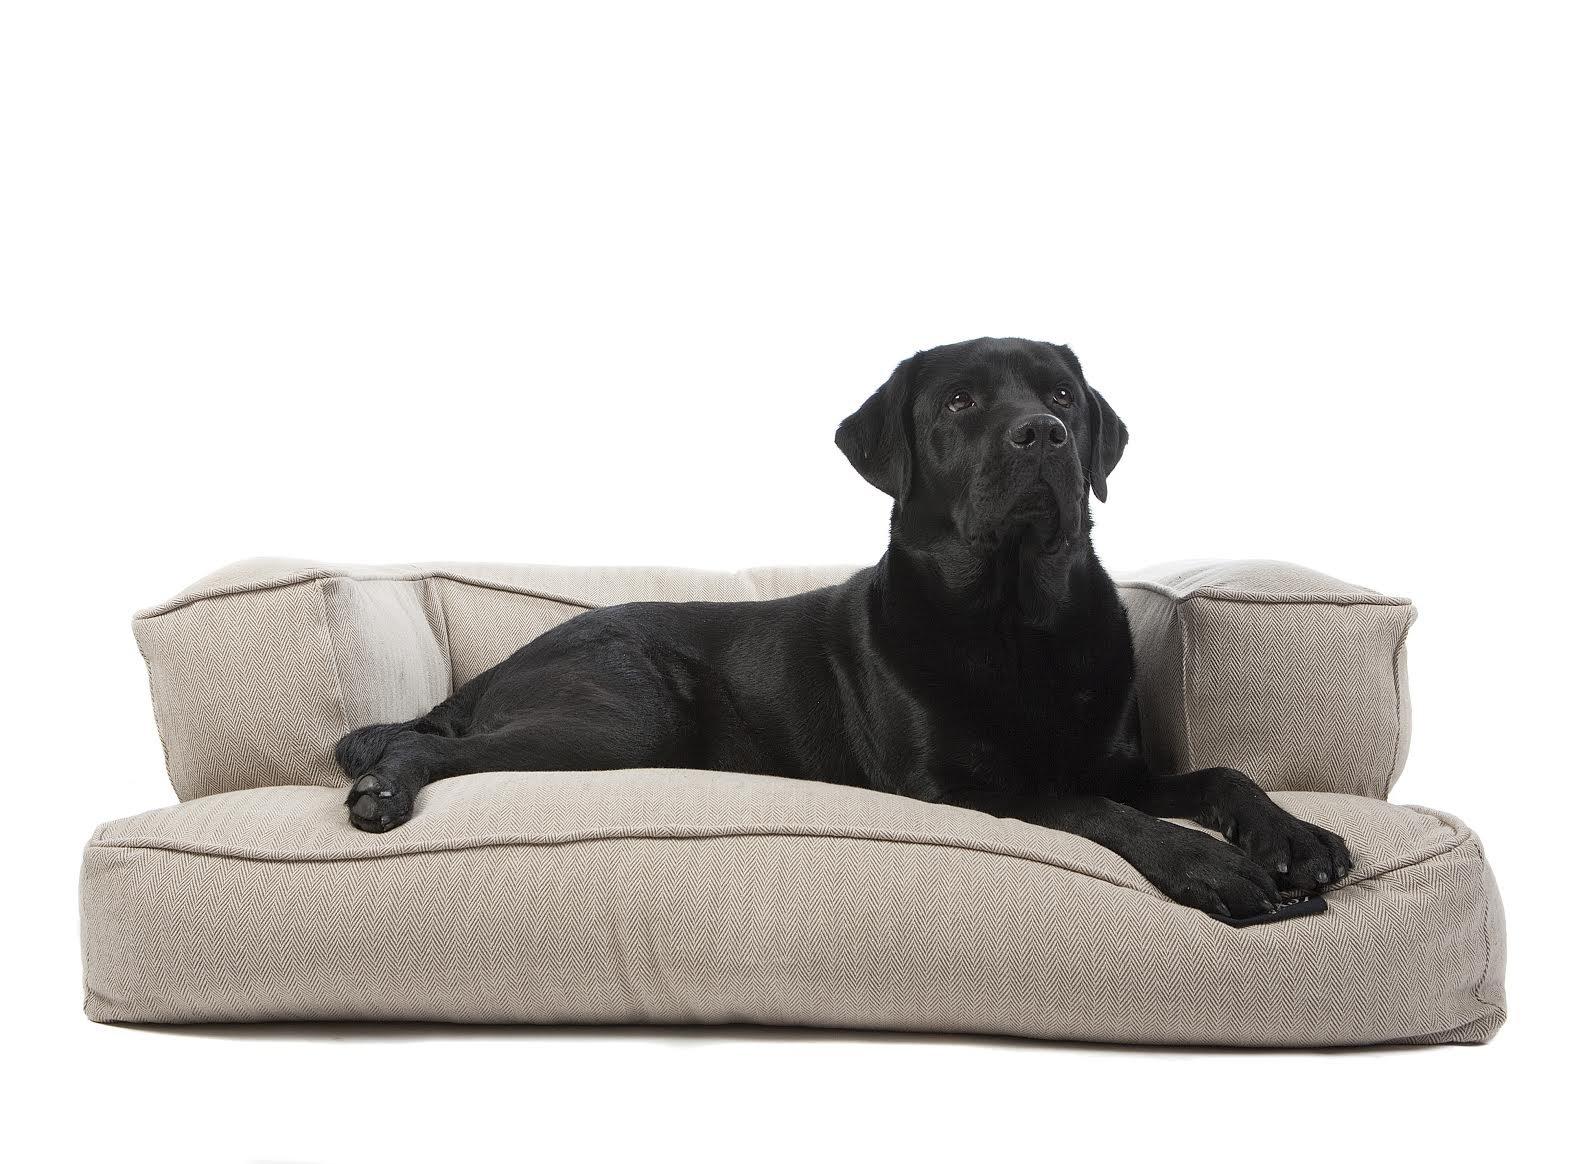 Sofa Pera Perro LEX&MAX DOGSOFA Boutique 115X75X35: Amazon.es: Productos para mascotas